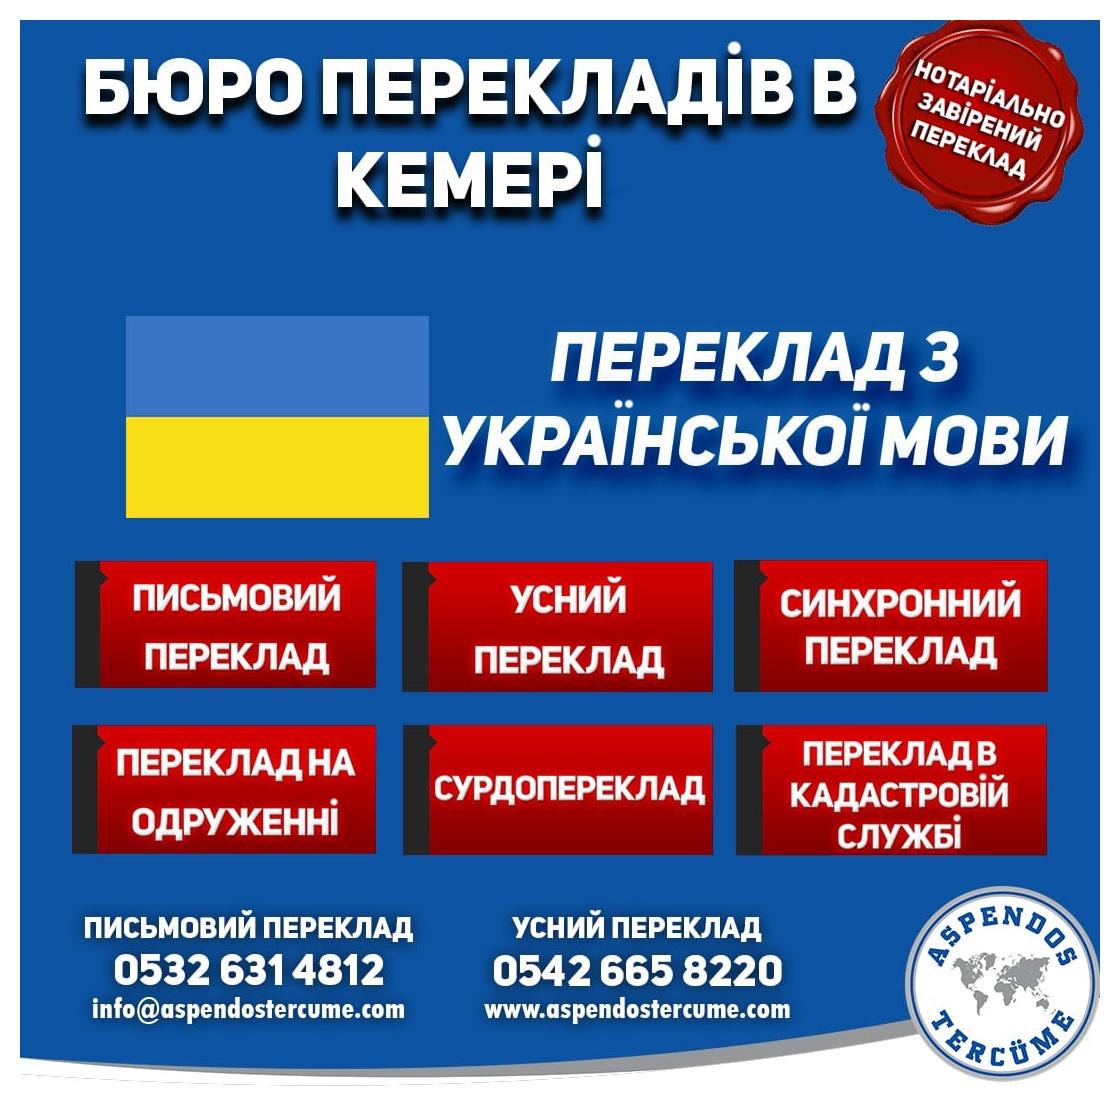 кемер_бюро_перекладів_український_переклад